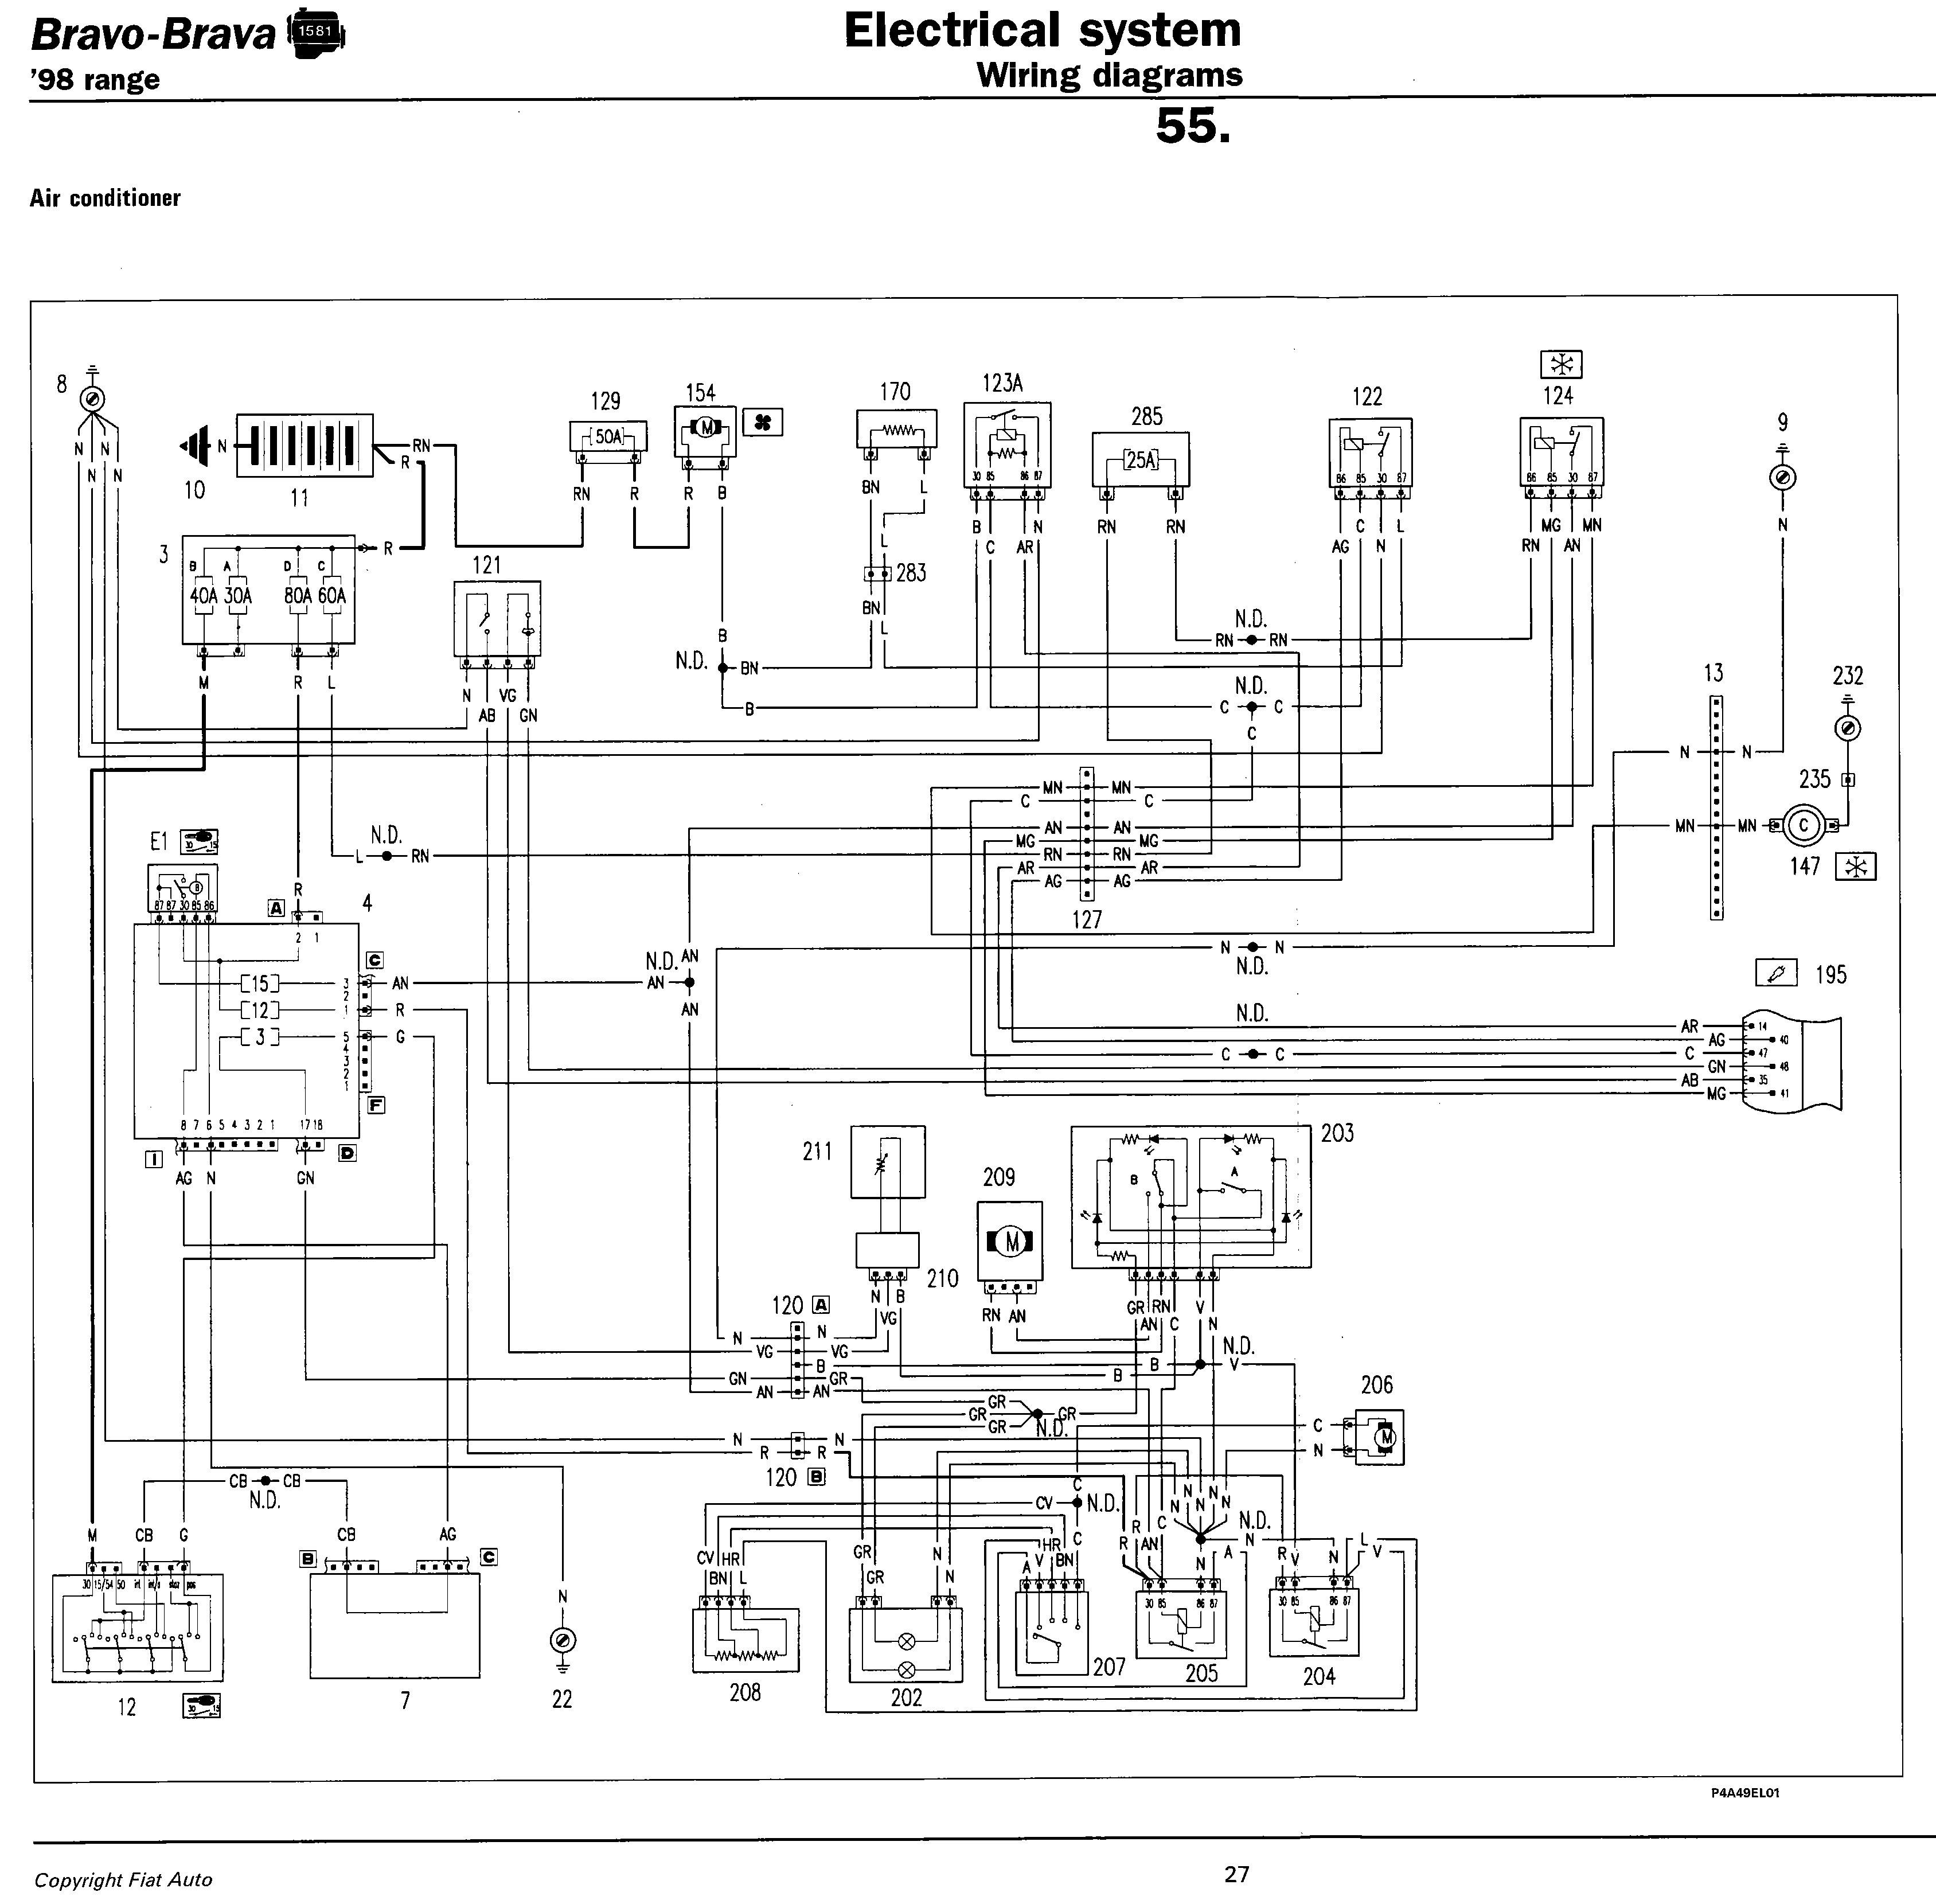 Yh 9569 Wiring Diagram Kawasaki Jet Ski Wiring Diagram